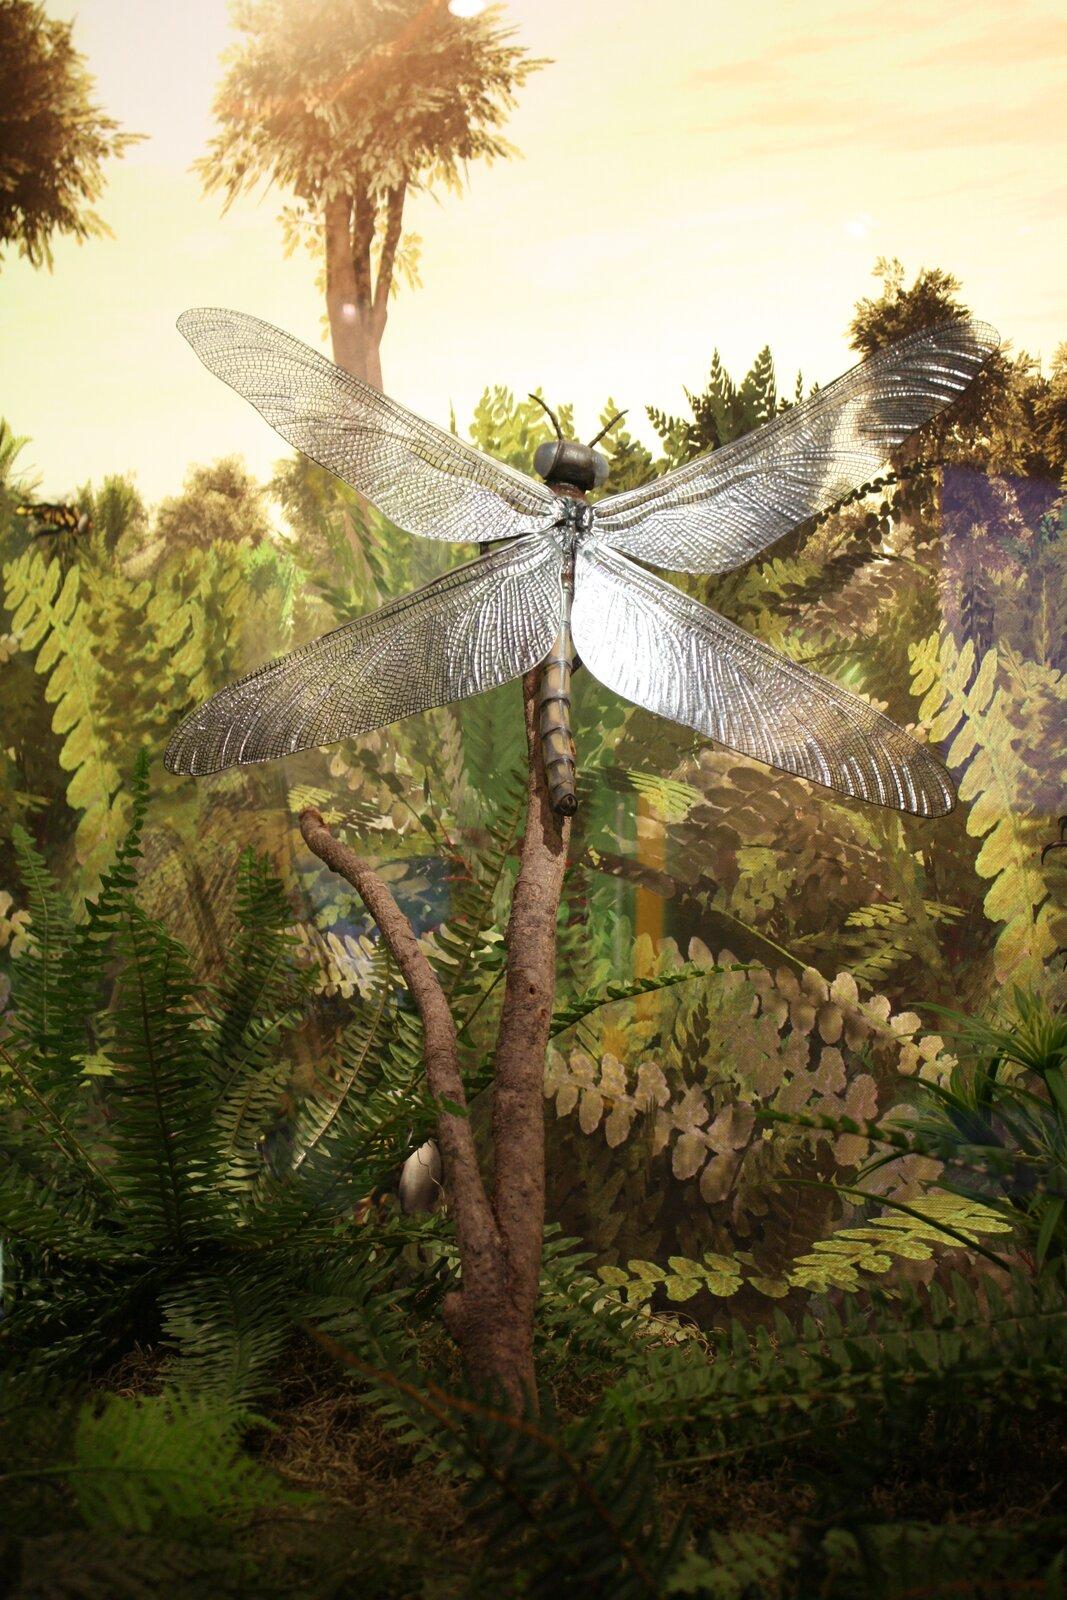 Ilustracja przedstawia olbrzymią ważkę Meganeura na tle drzewiastych paproci. Siedzi pionowo na pniu, czarna głowa ugóry. Dwie pary błoniastych skrzydeł rozpostarte na boki.